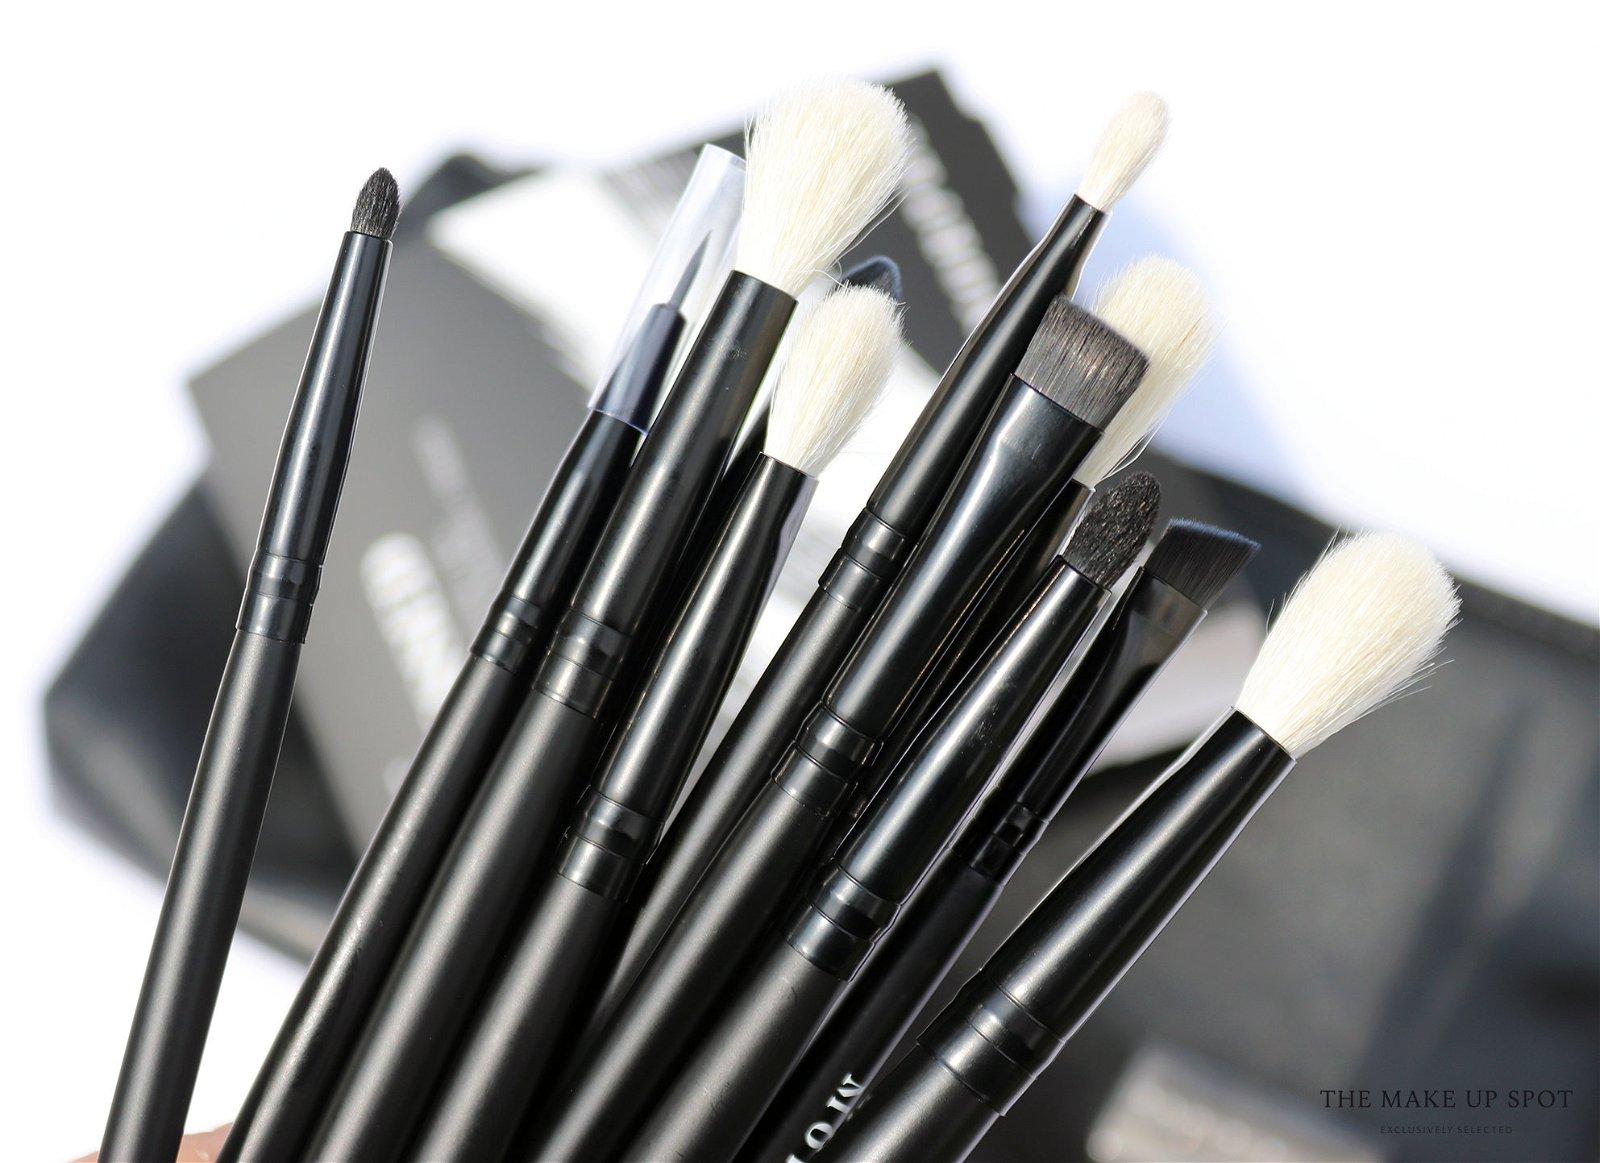 Wonderlijk Themakeupspot.nl: Travel friendly make-up producten! ✈️ | Milled IG-73